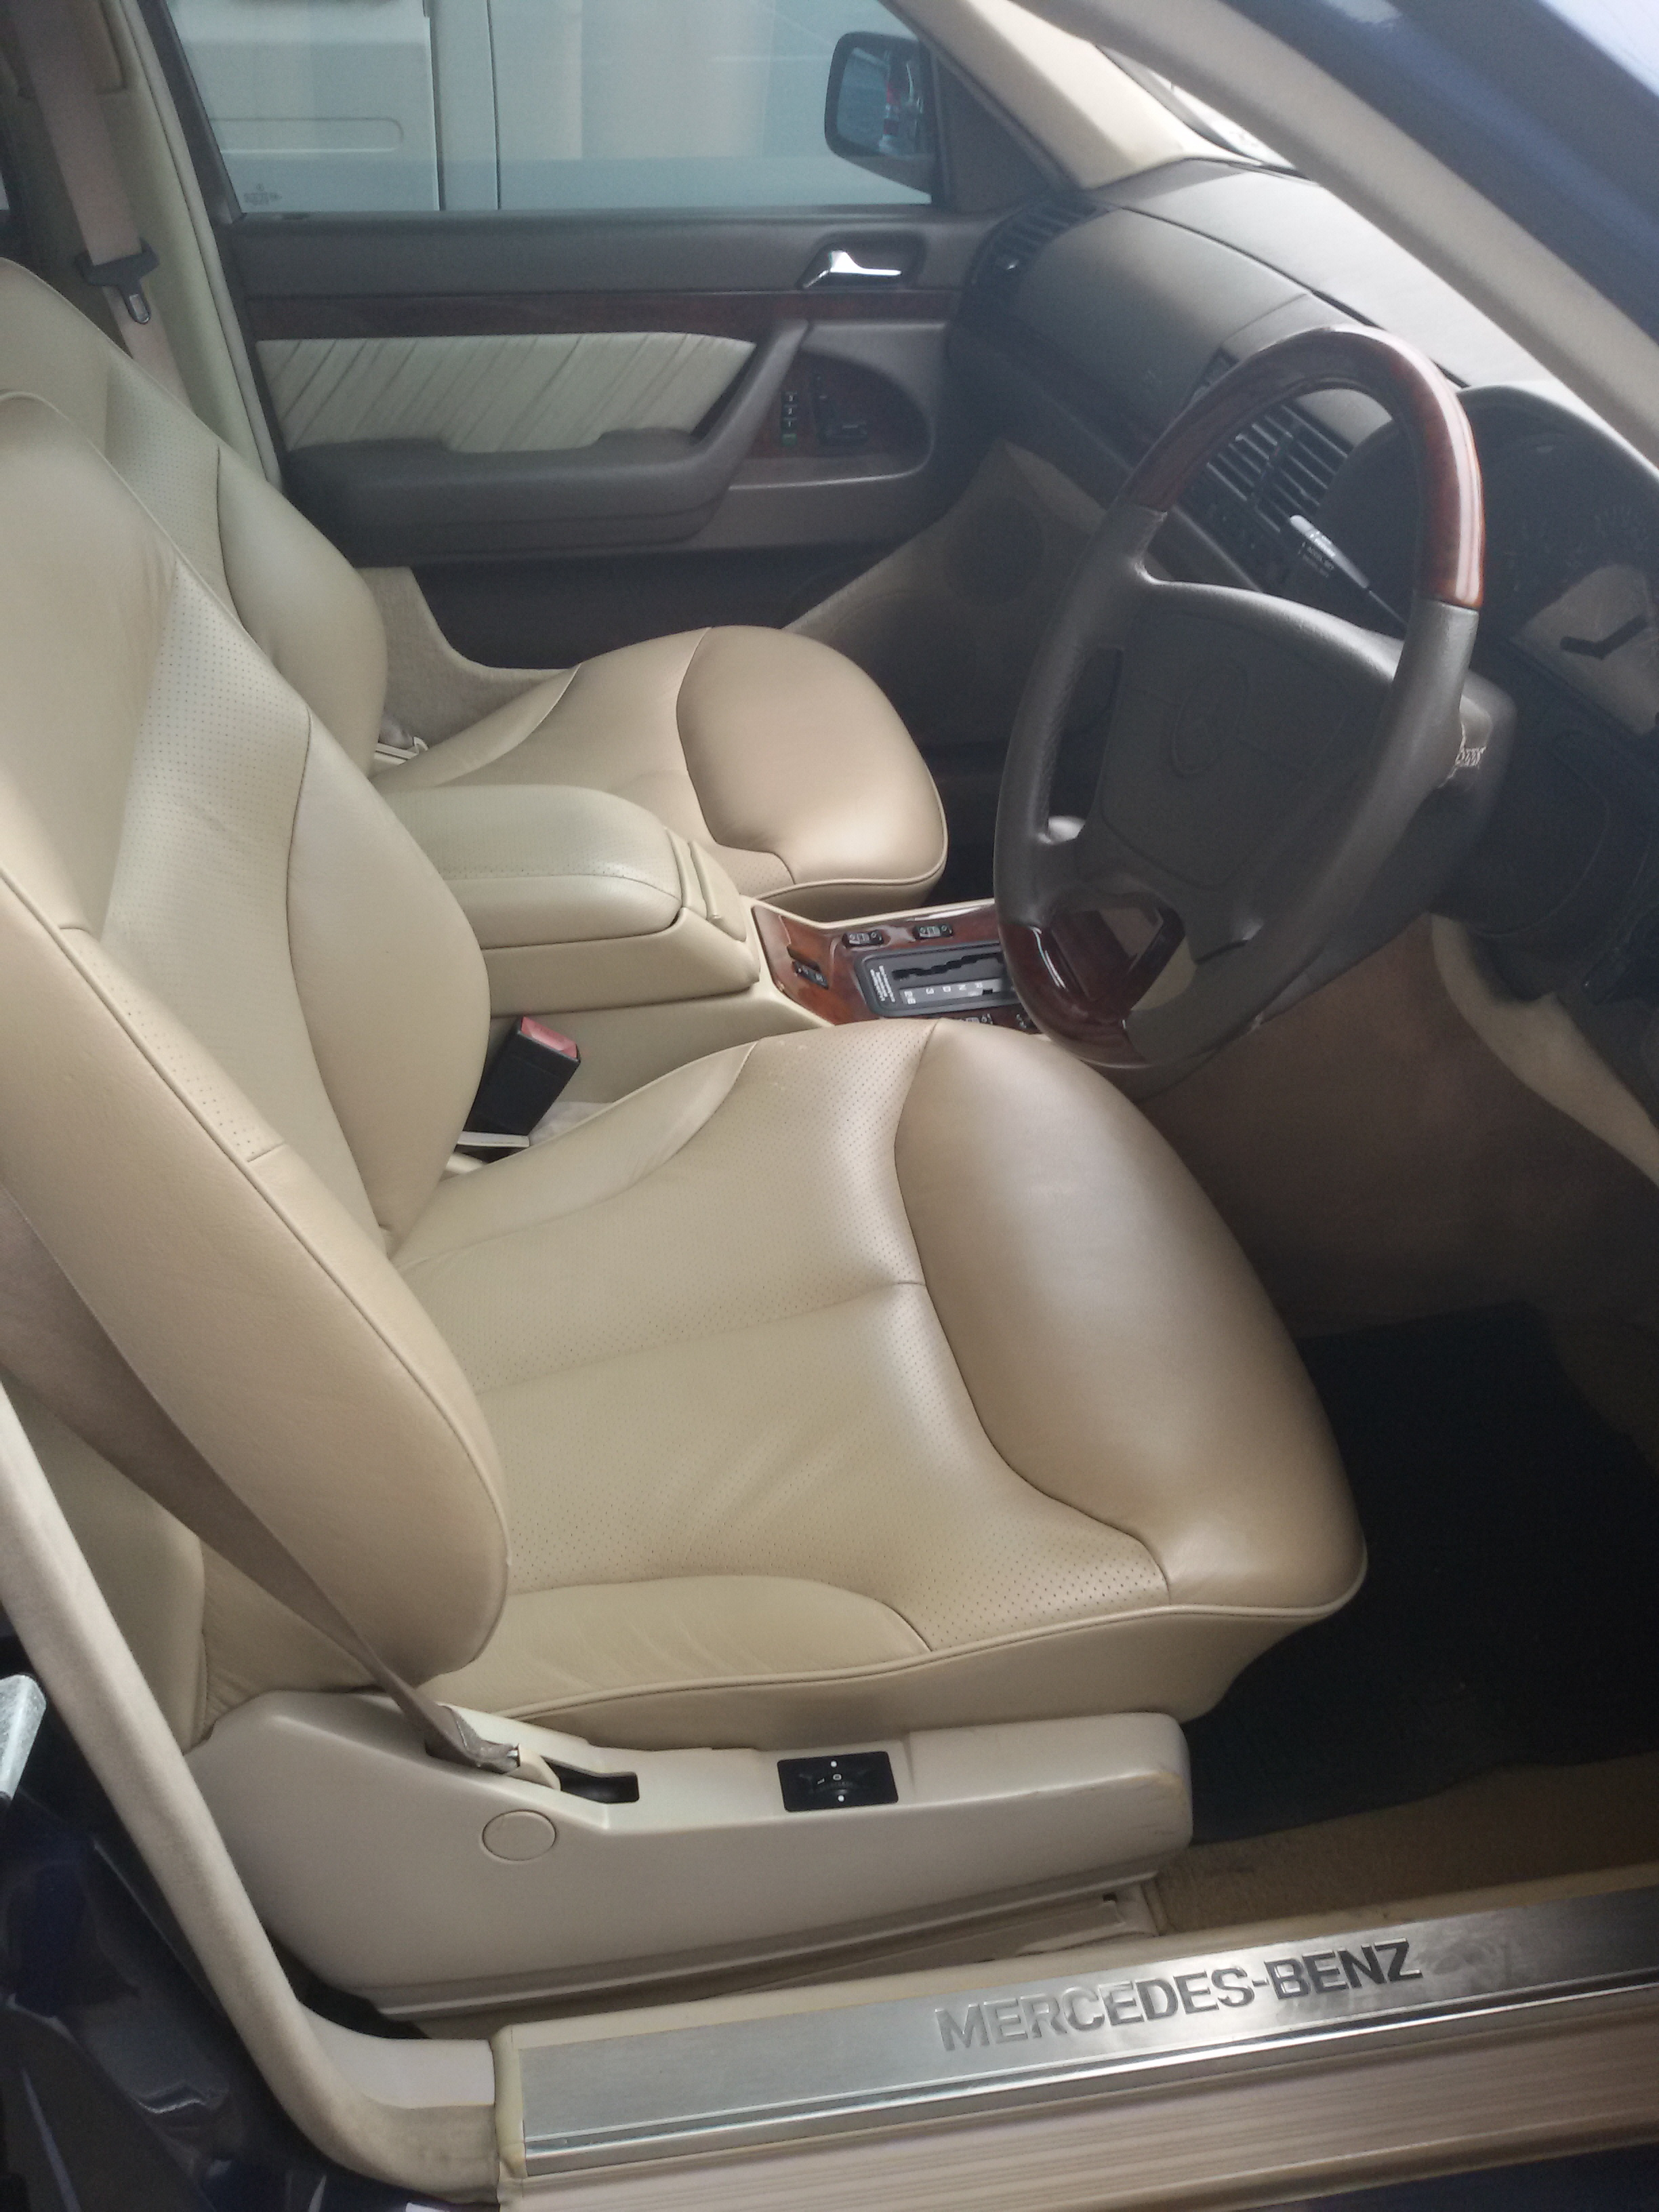 2002 Mercedes S420, Luxury Limousine LPG